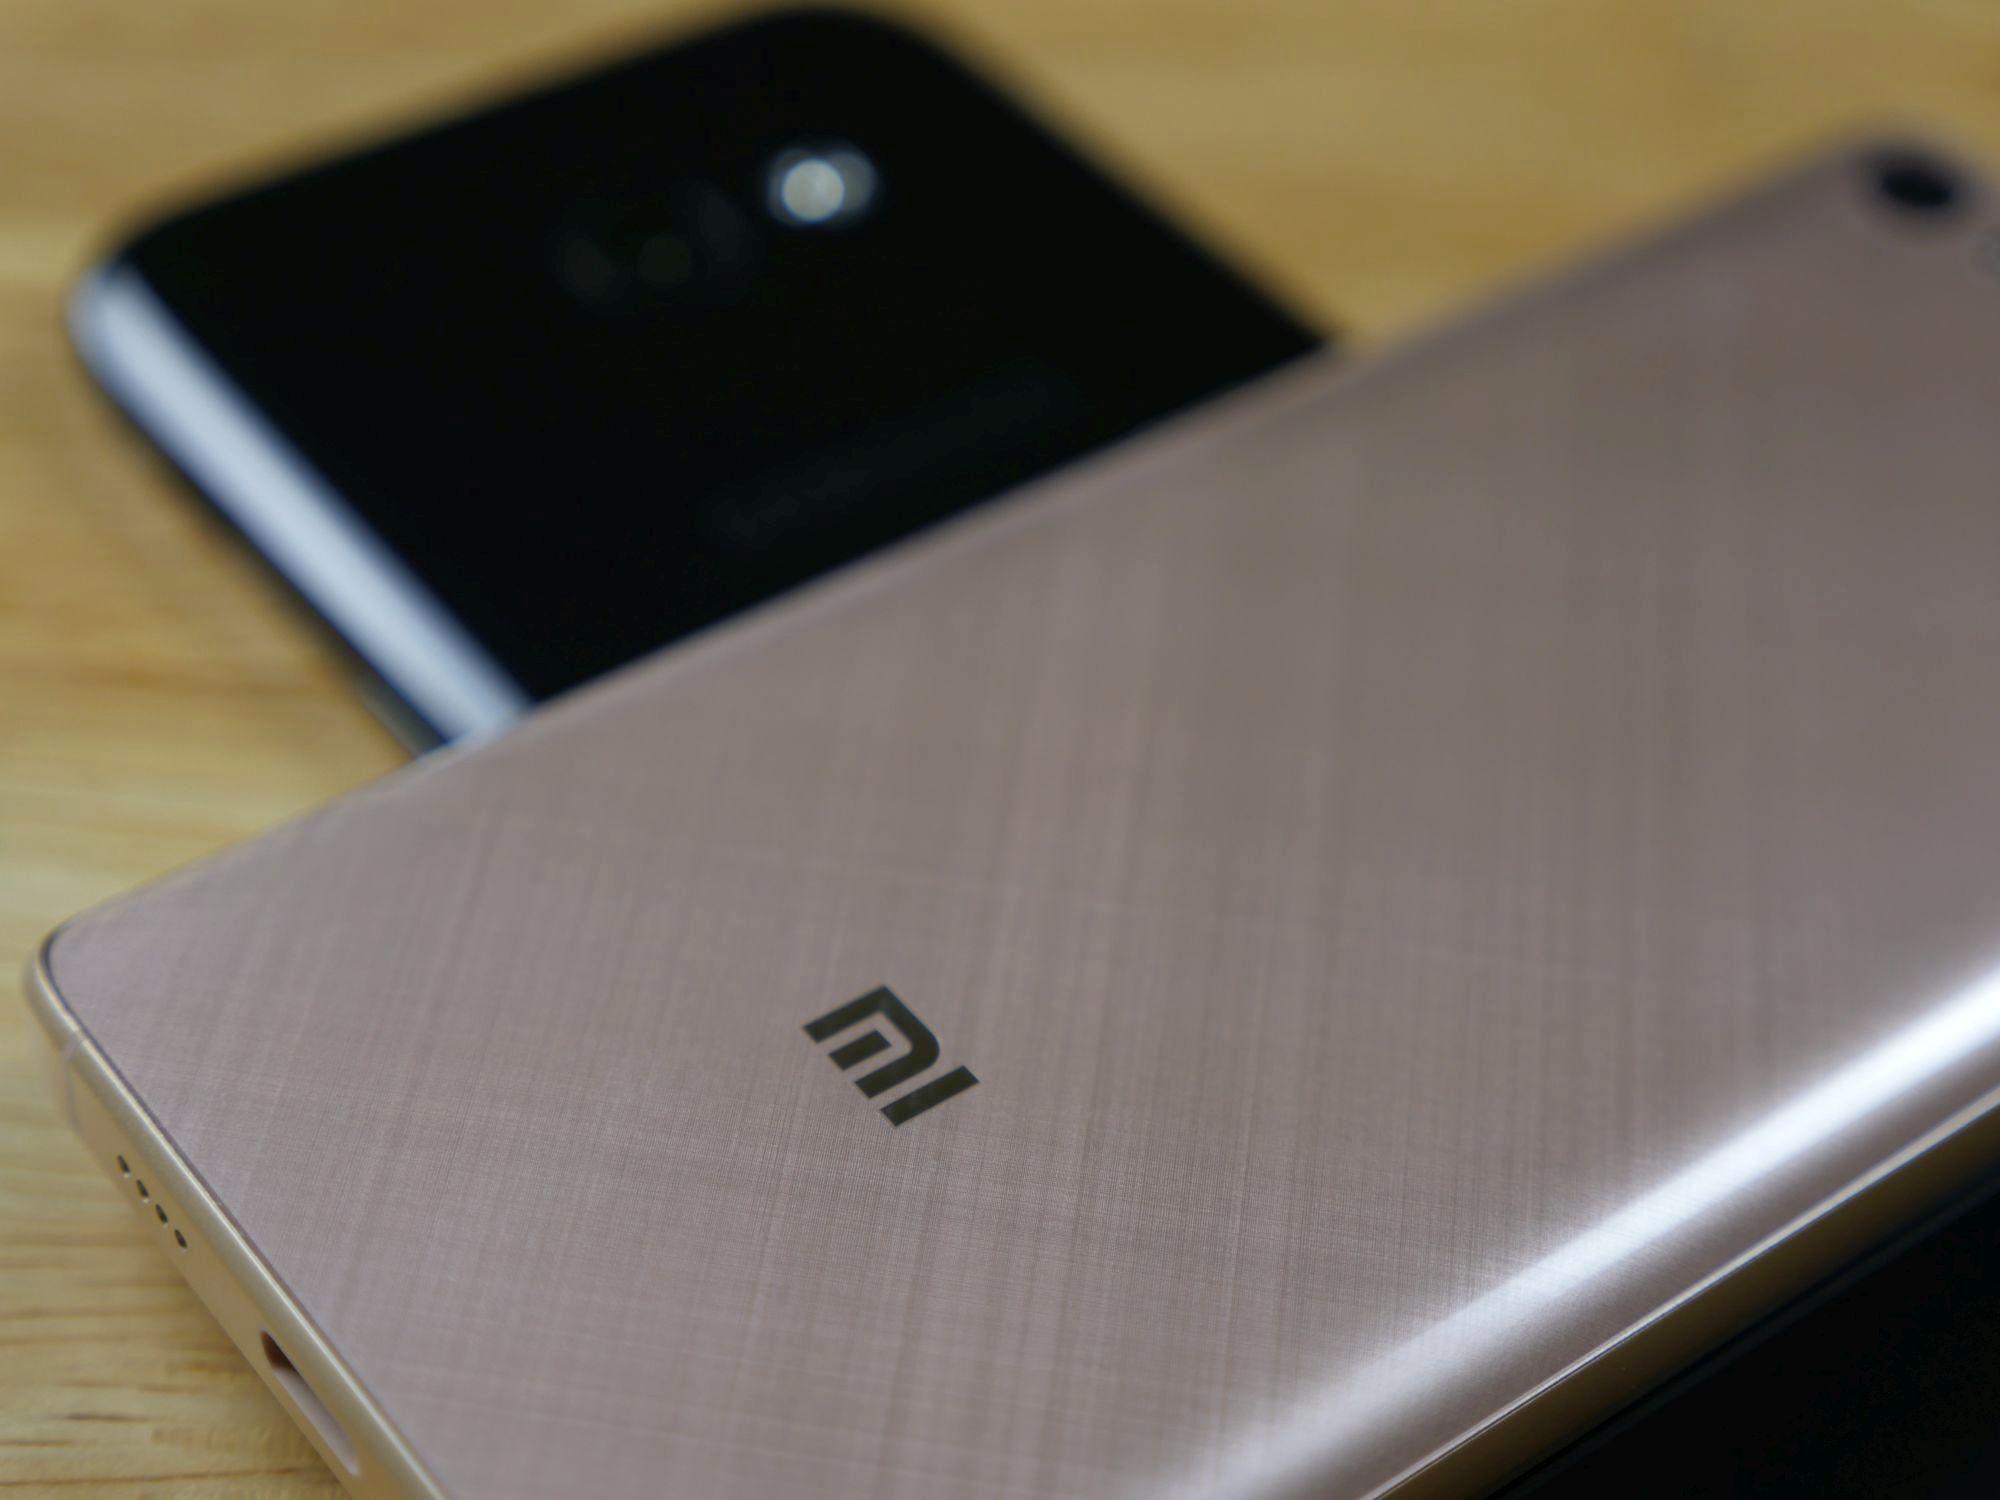 Kończy się wsparcie producenta dla Xiaomi Mi 5 oraz Redmi Note 3 19